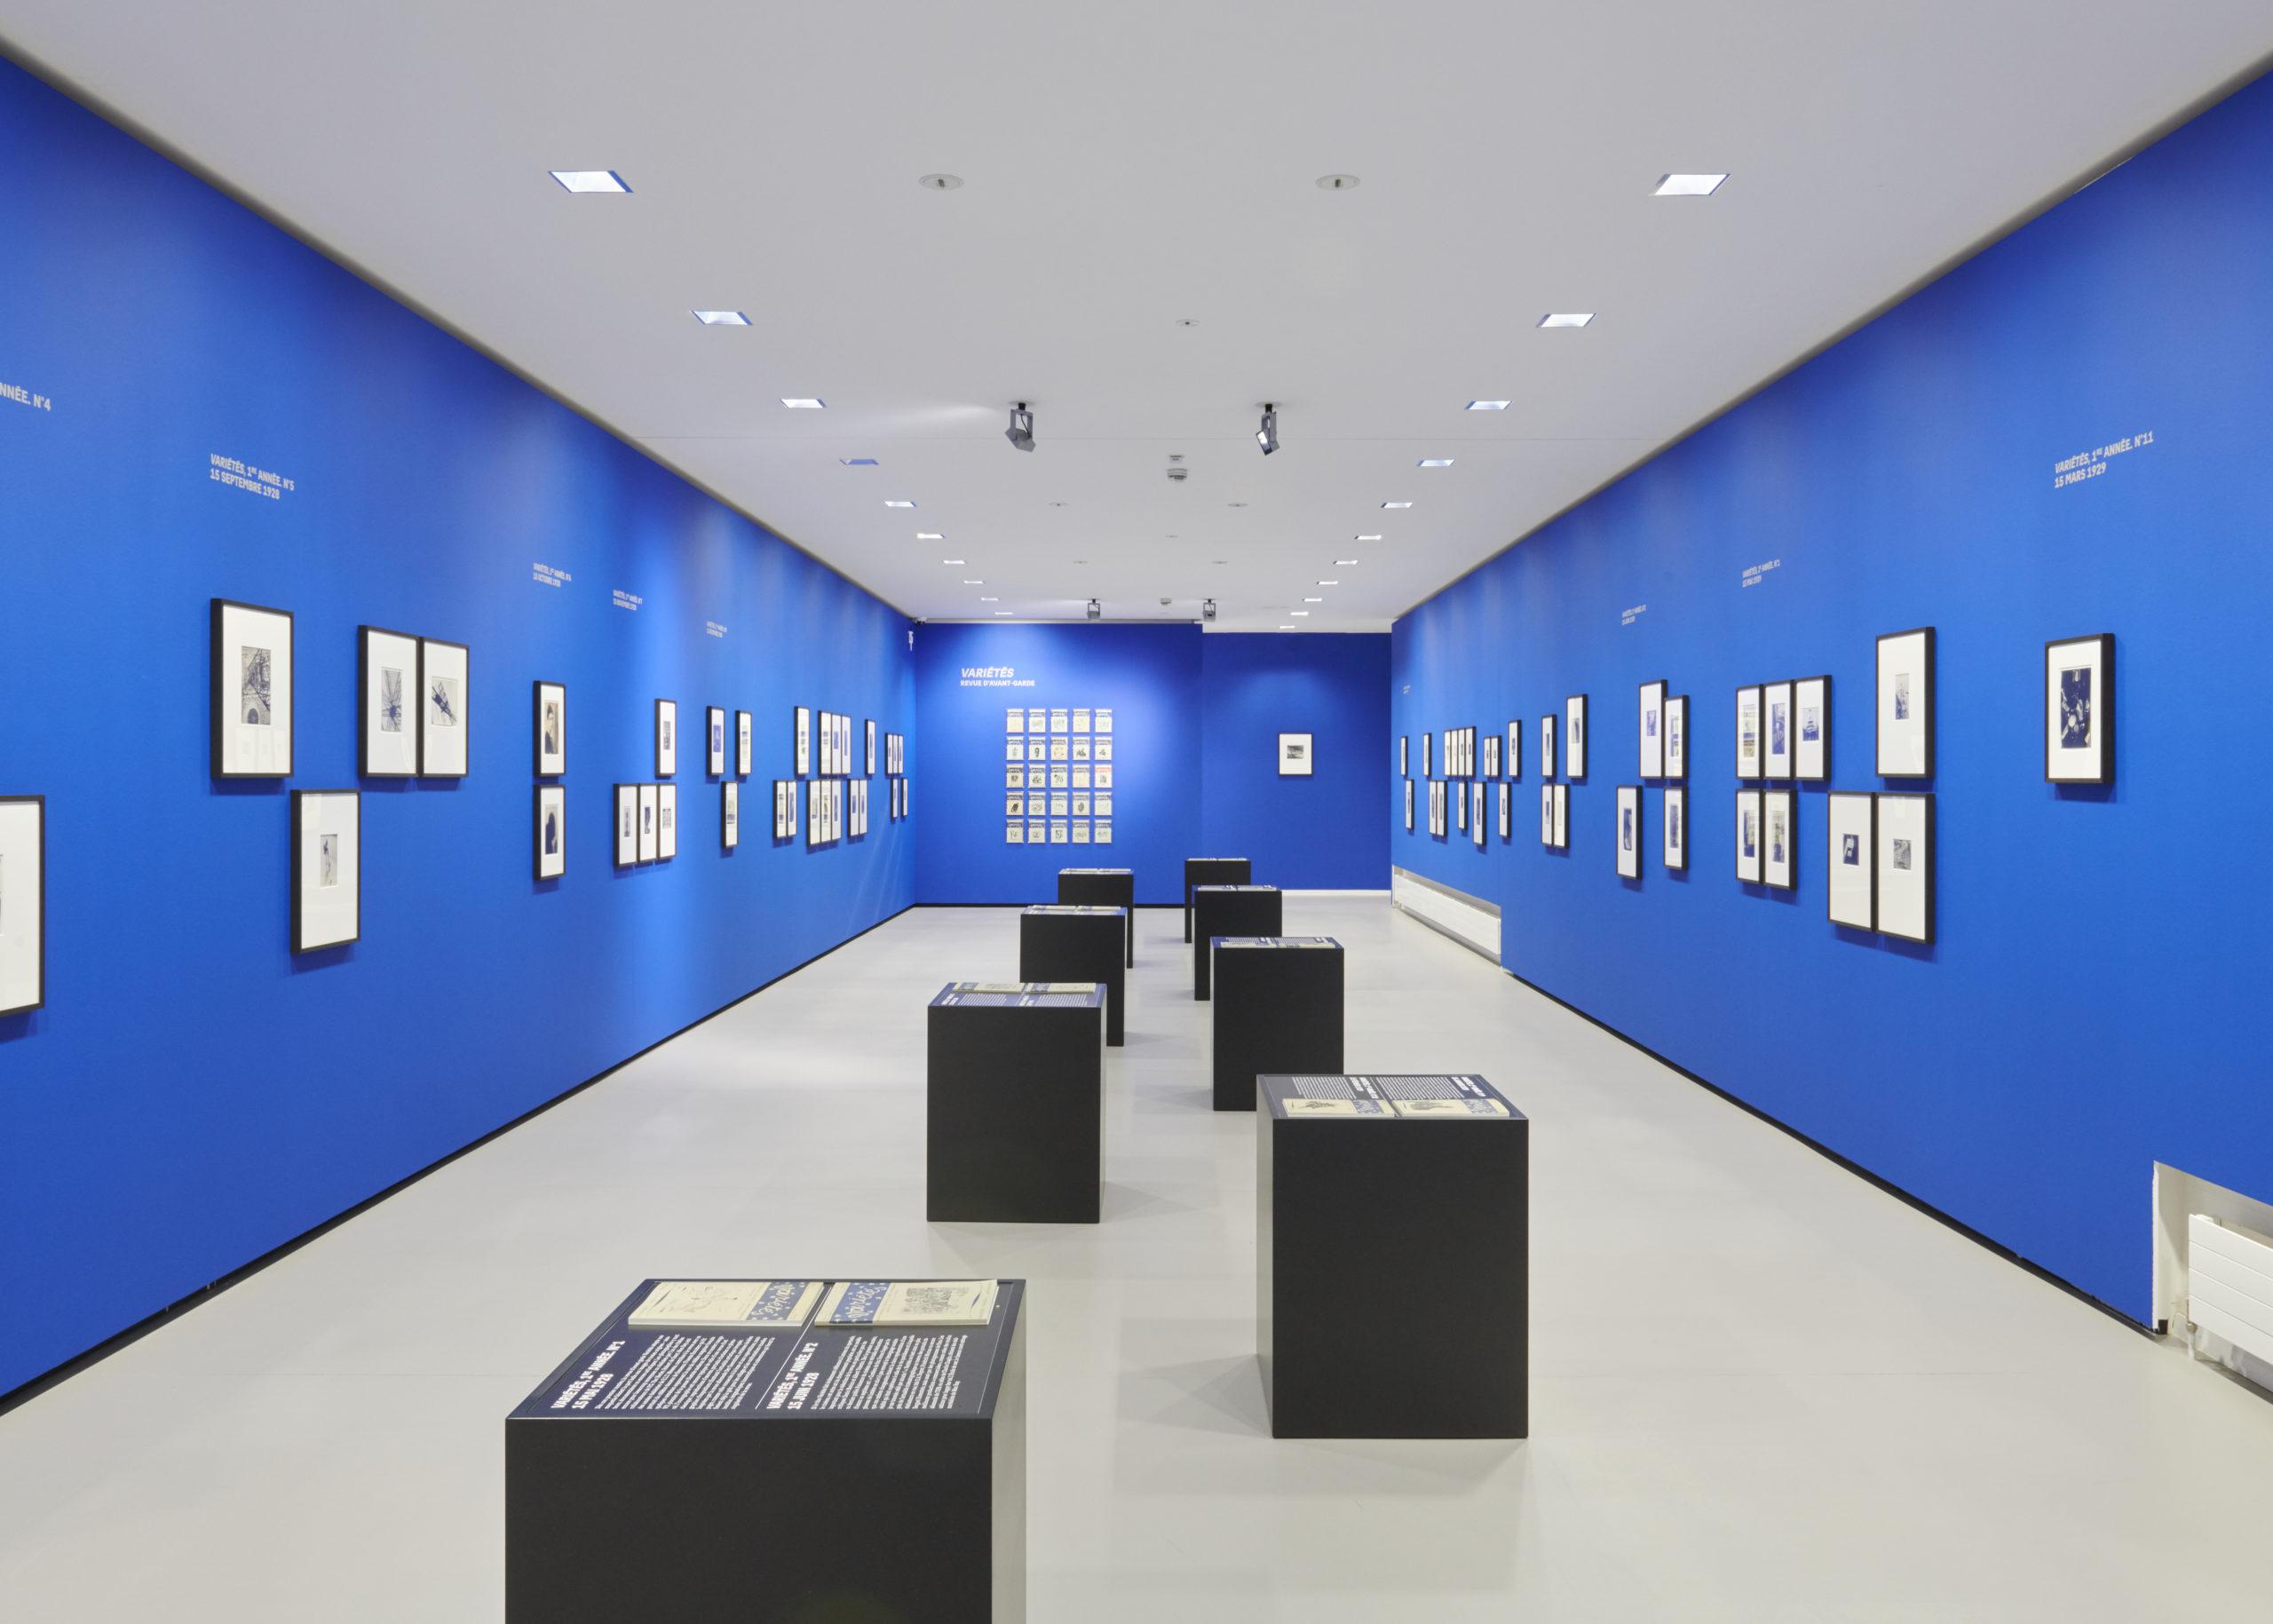 © 2020, Musée des beaux-arts du Locle. Photographie : Guillaume Baeriswyl. Tous droits réservés